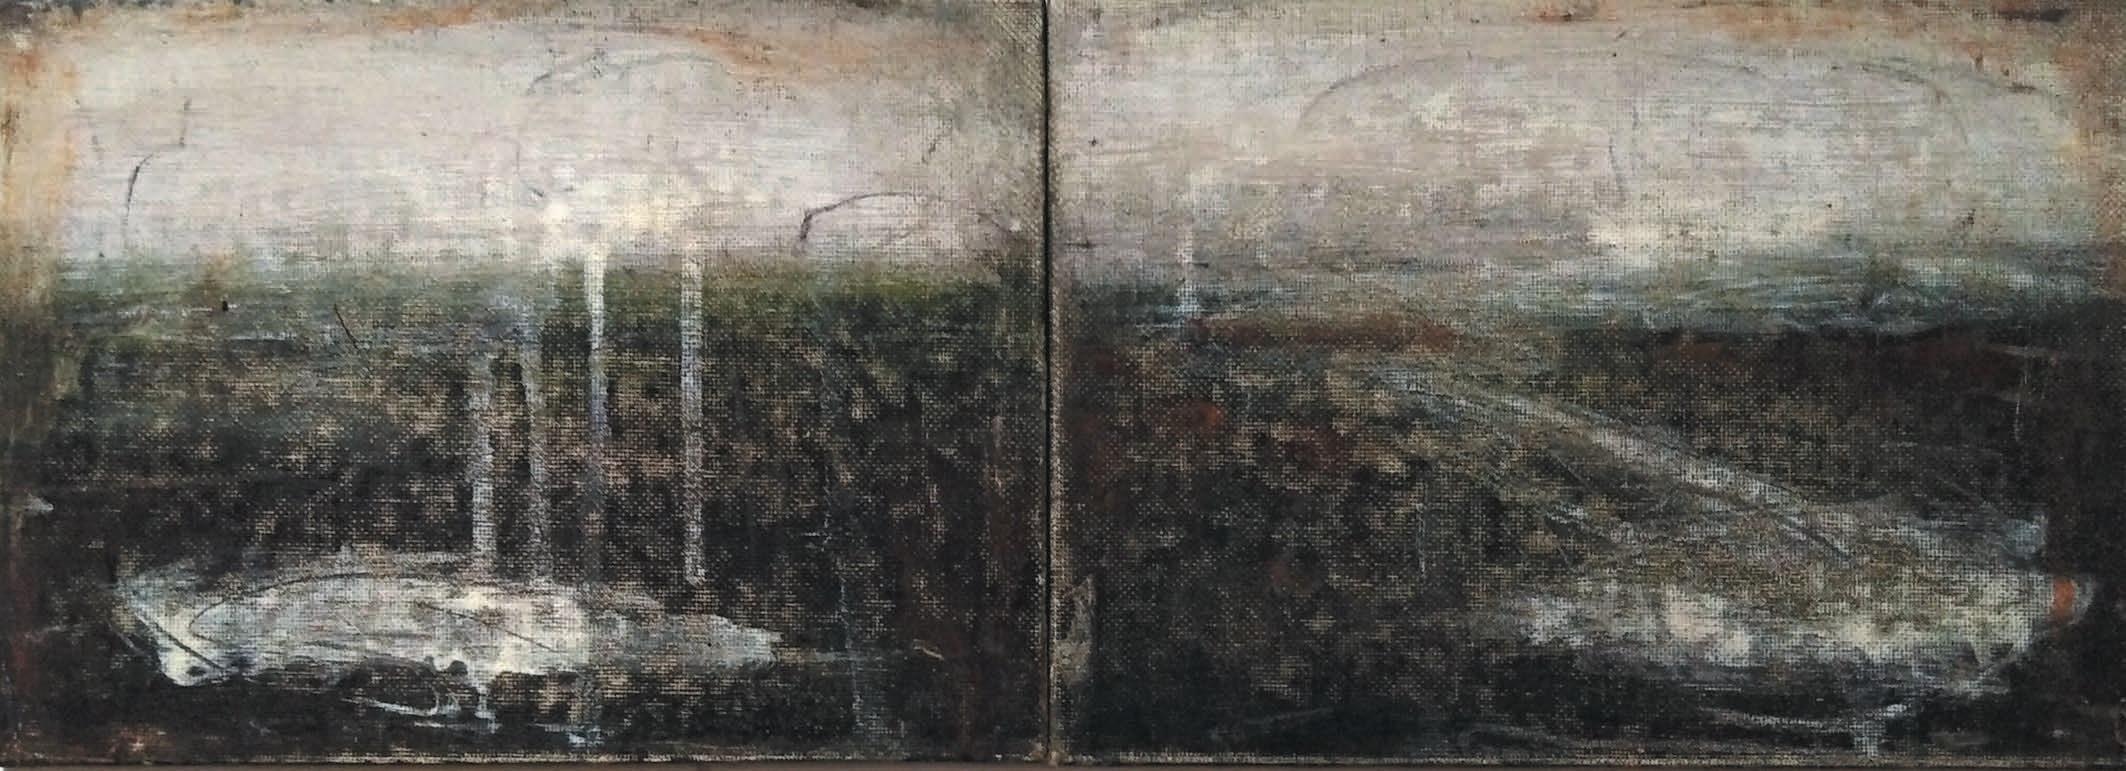 Massimo Romani, Landscape (4) - 2019 - olio su cartone telato - 13 x 36 cm